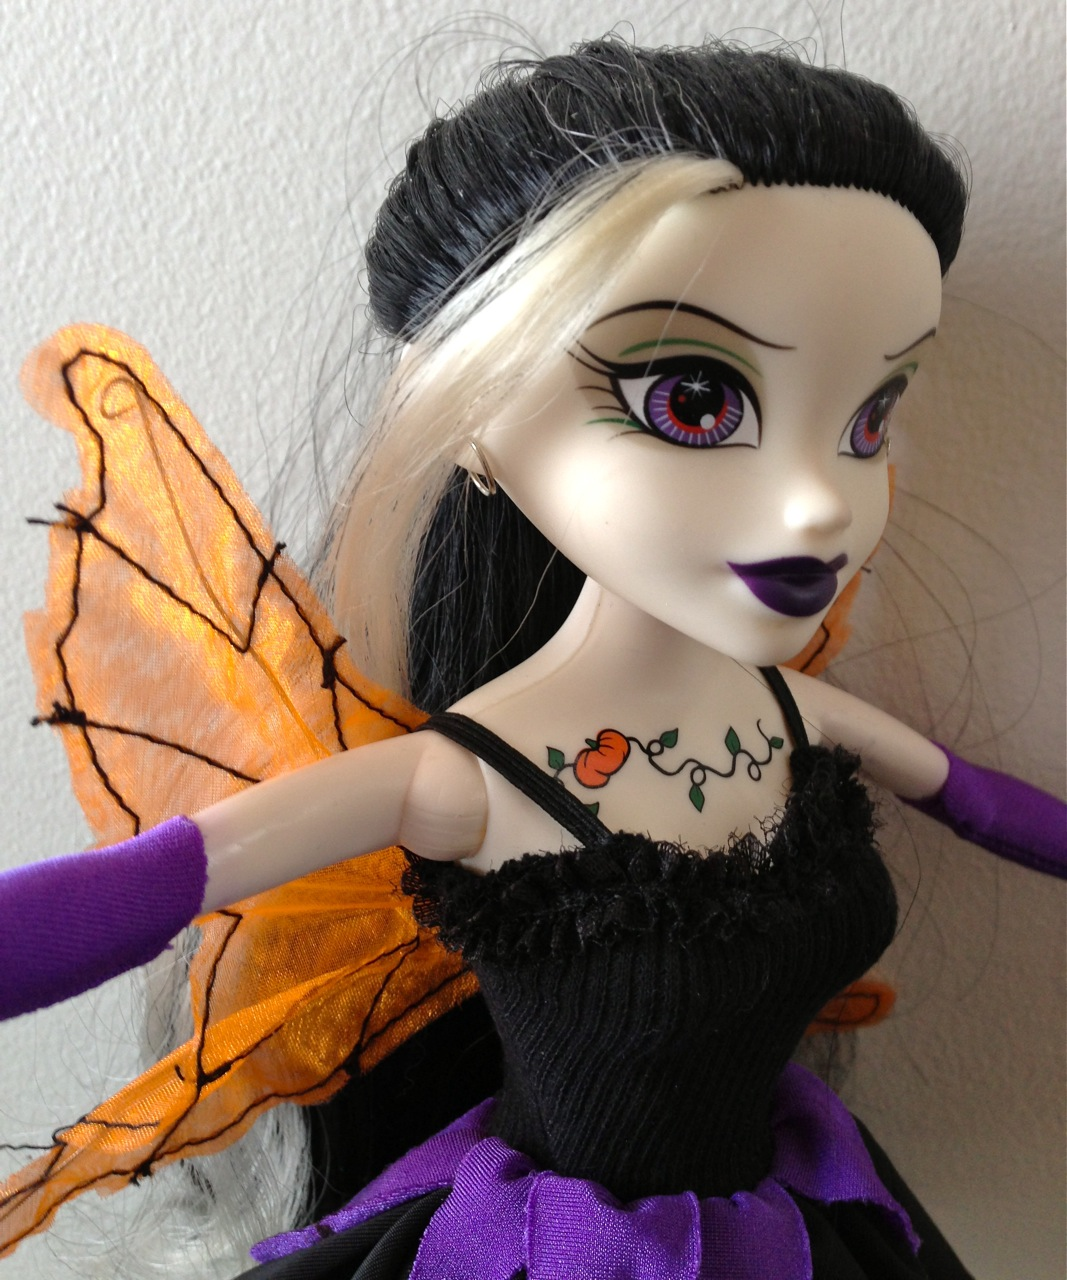 Begoth Olivia O'Lantern doll